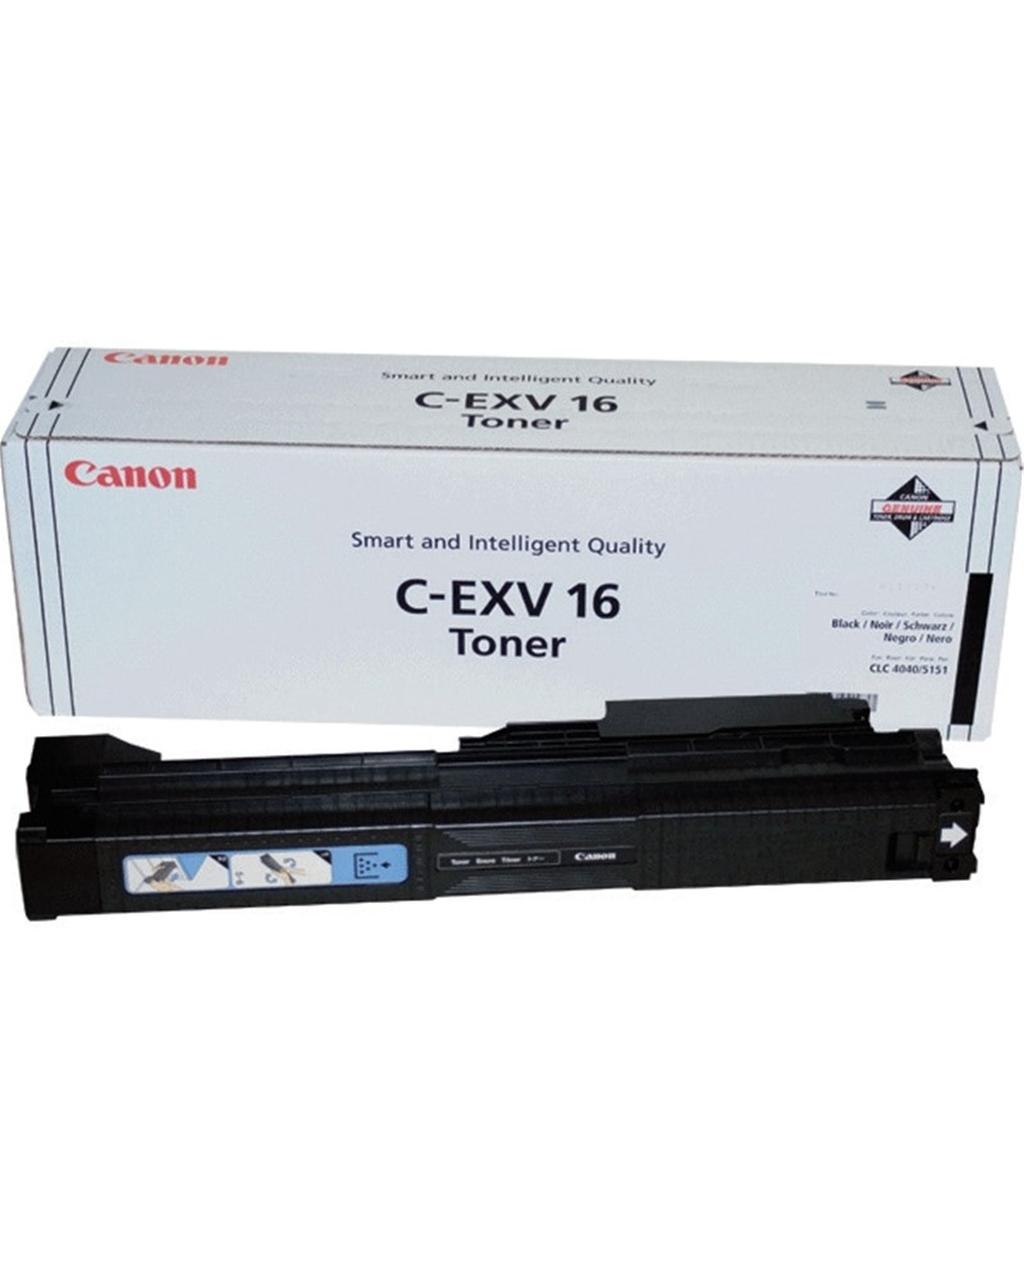 710 - Canon 710 Toner - Black